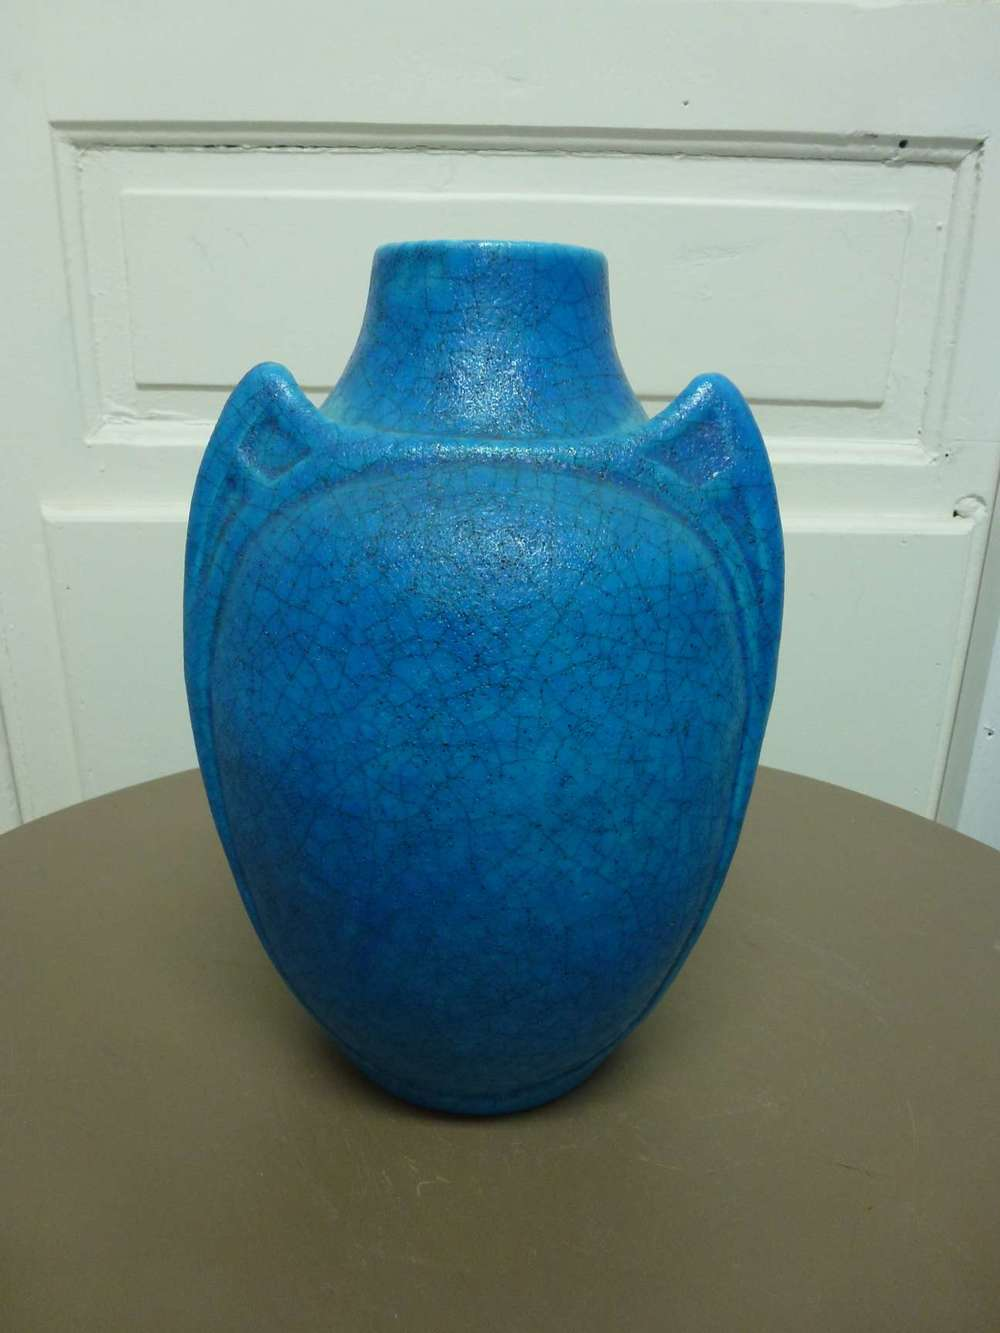 lachenal-raoul-bleu-pigment-email-ceramique-gres-art-restaurarte.jpg